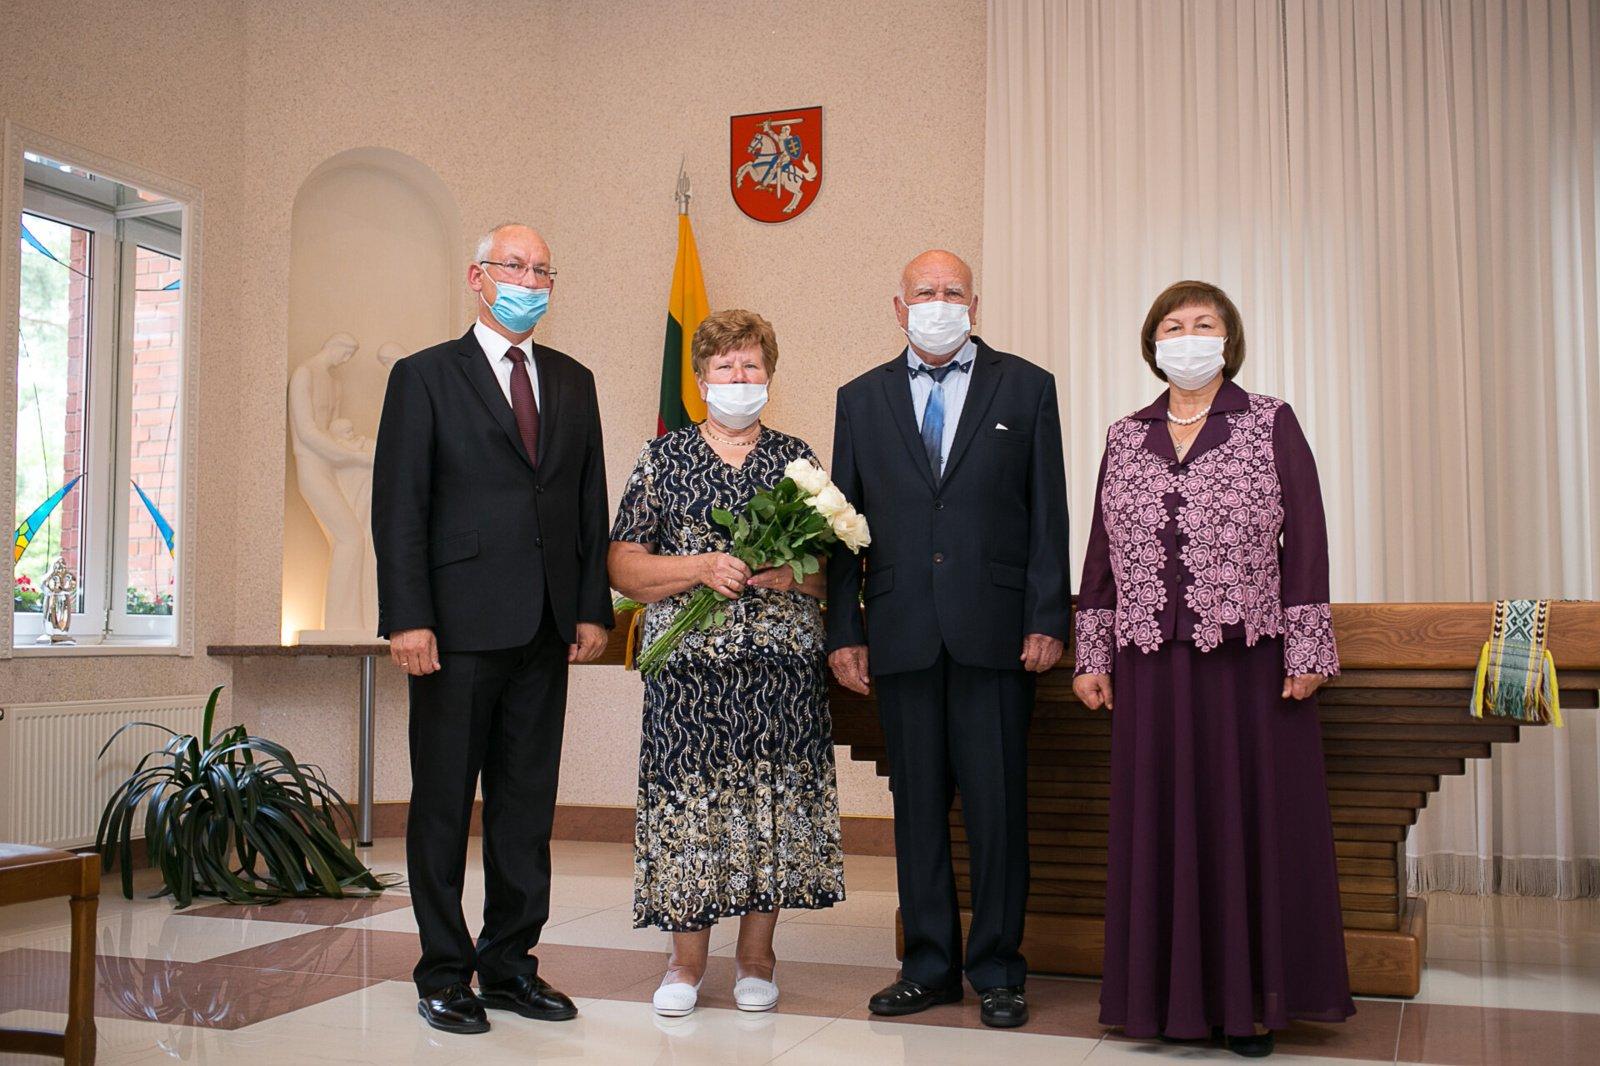 Sveikinimai auksinių vestuvių proga